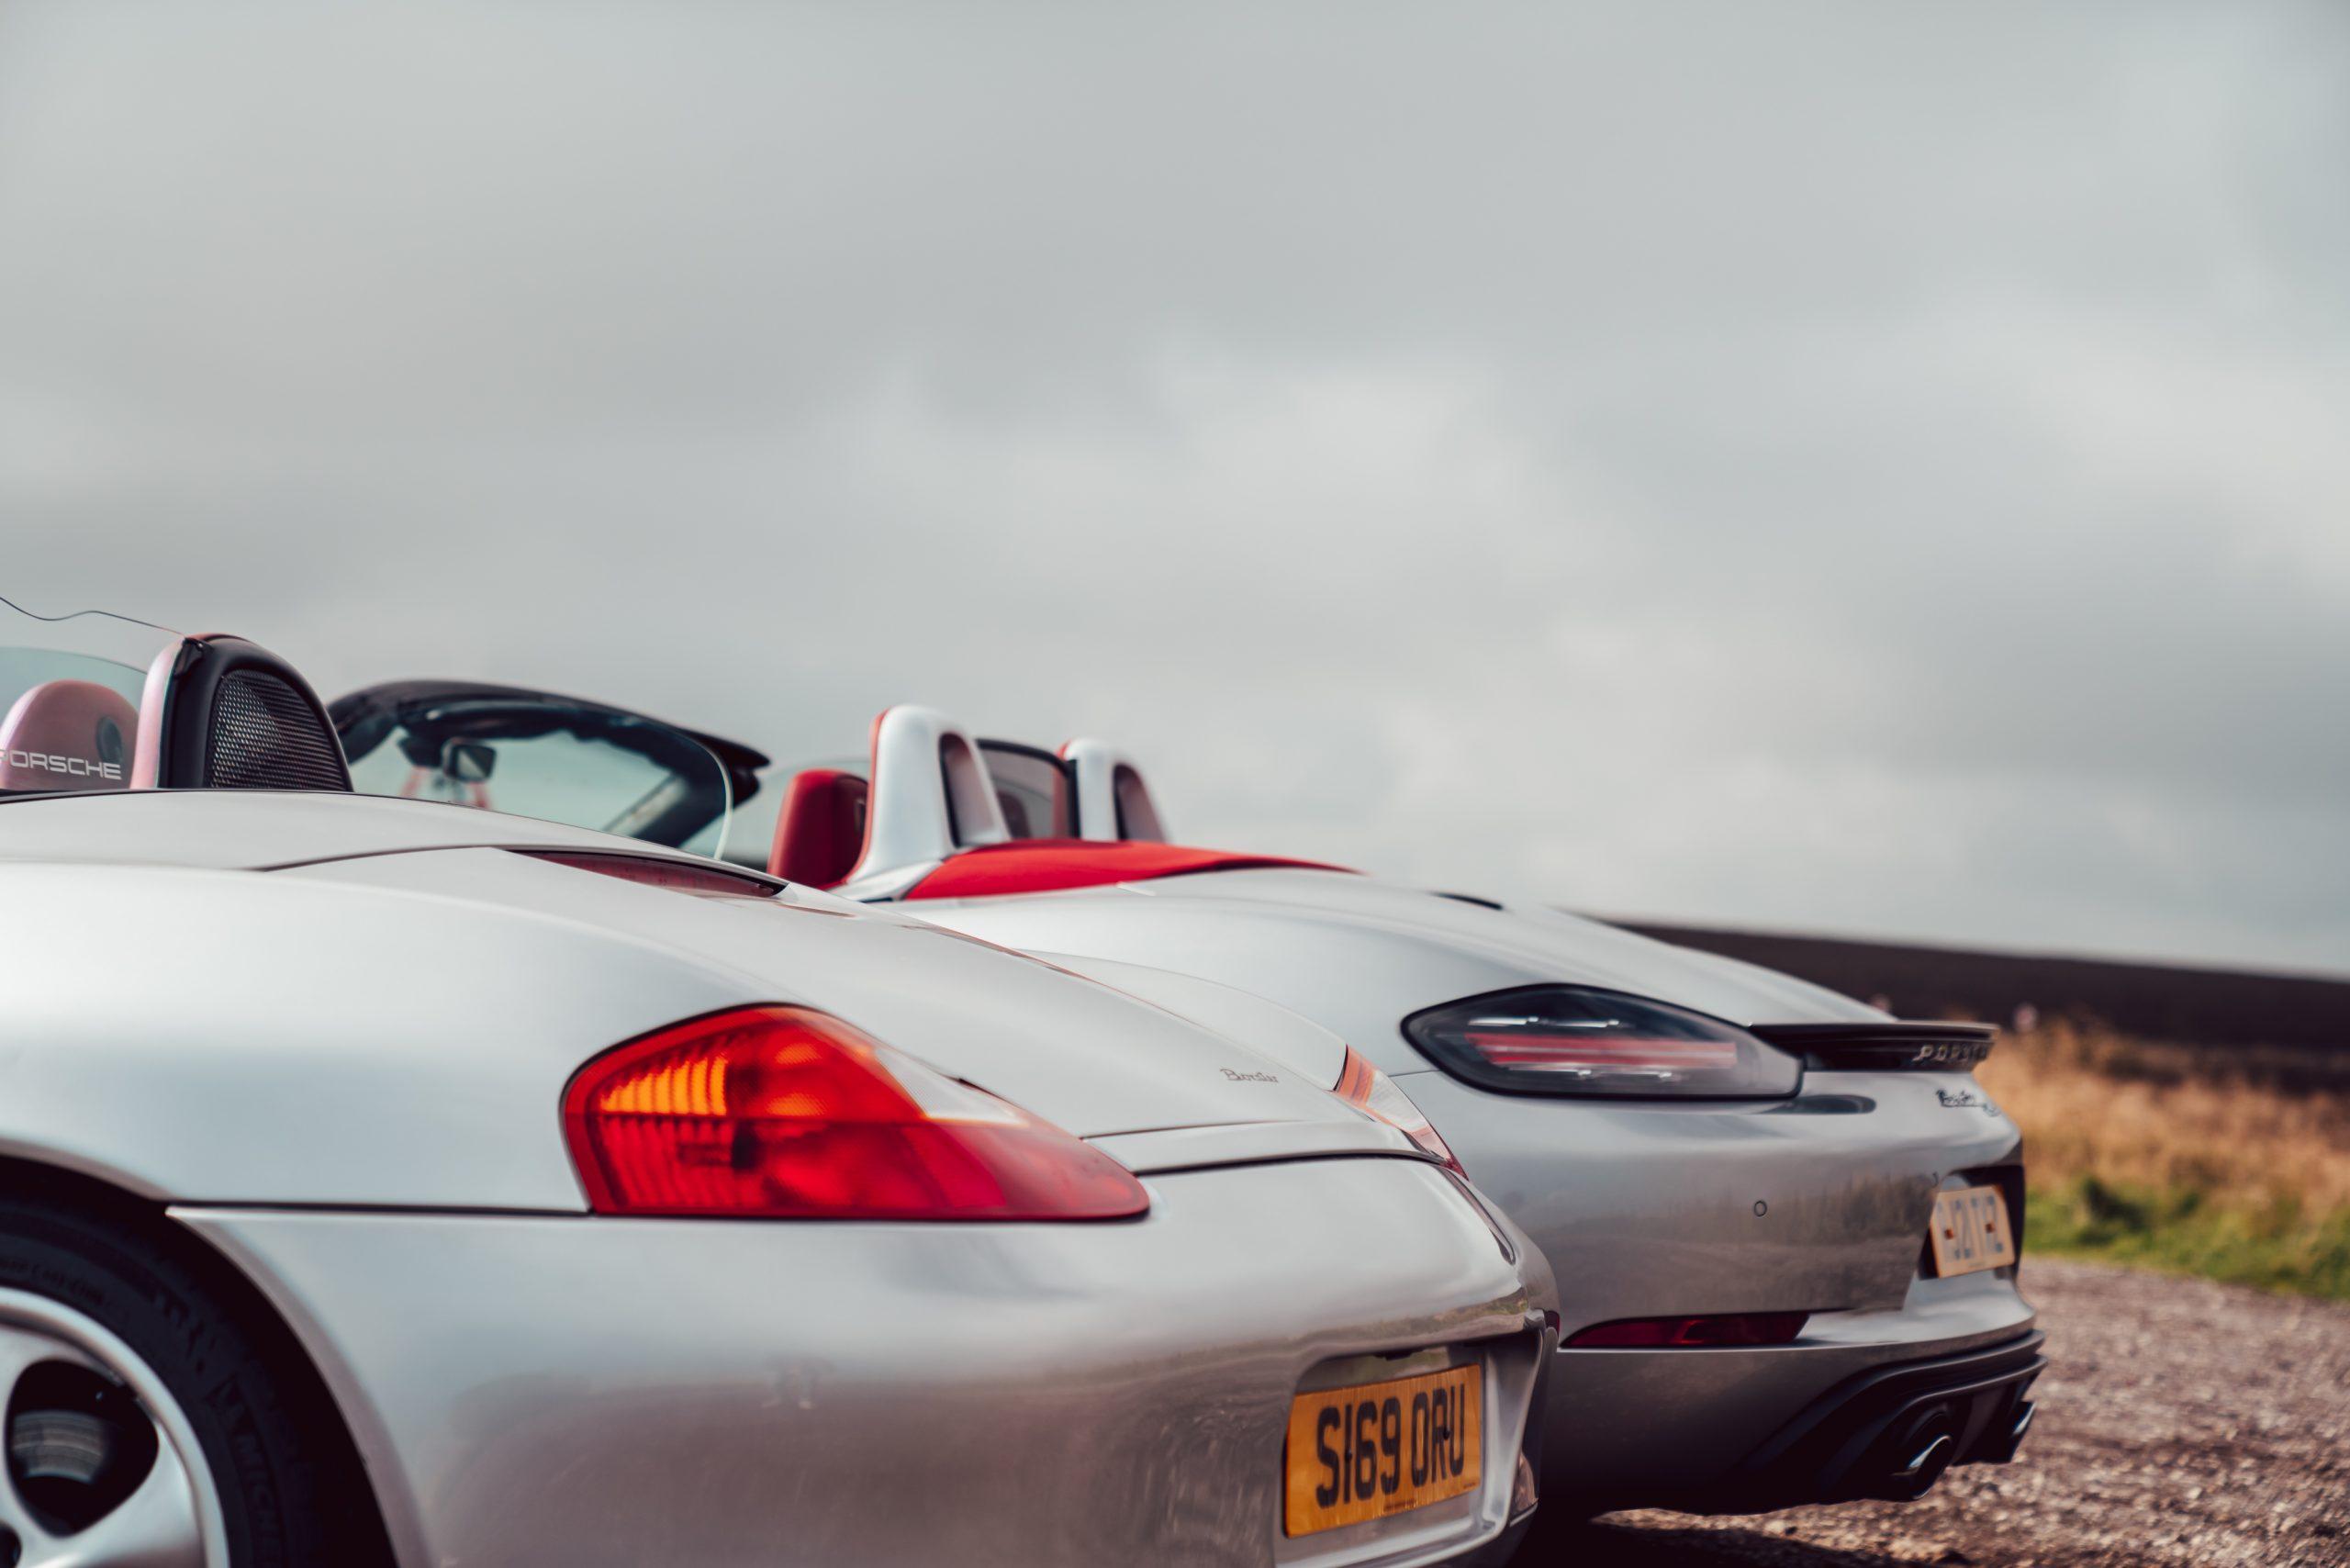 Porsche Boxster rear ends